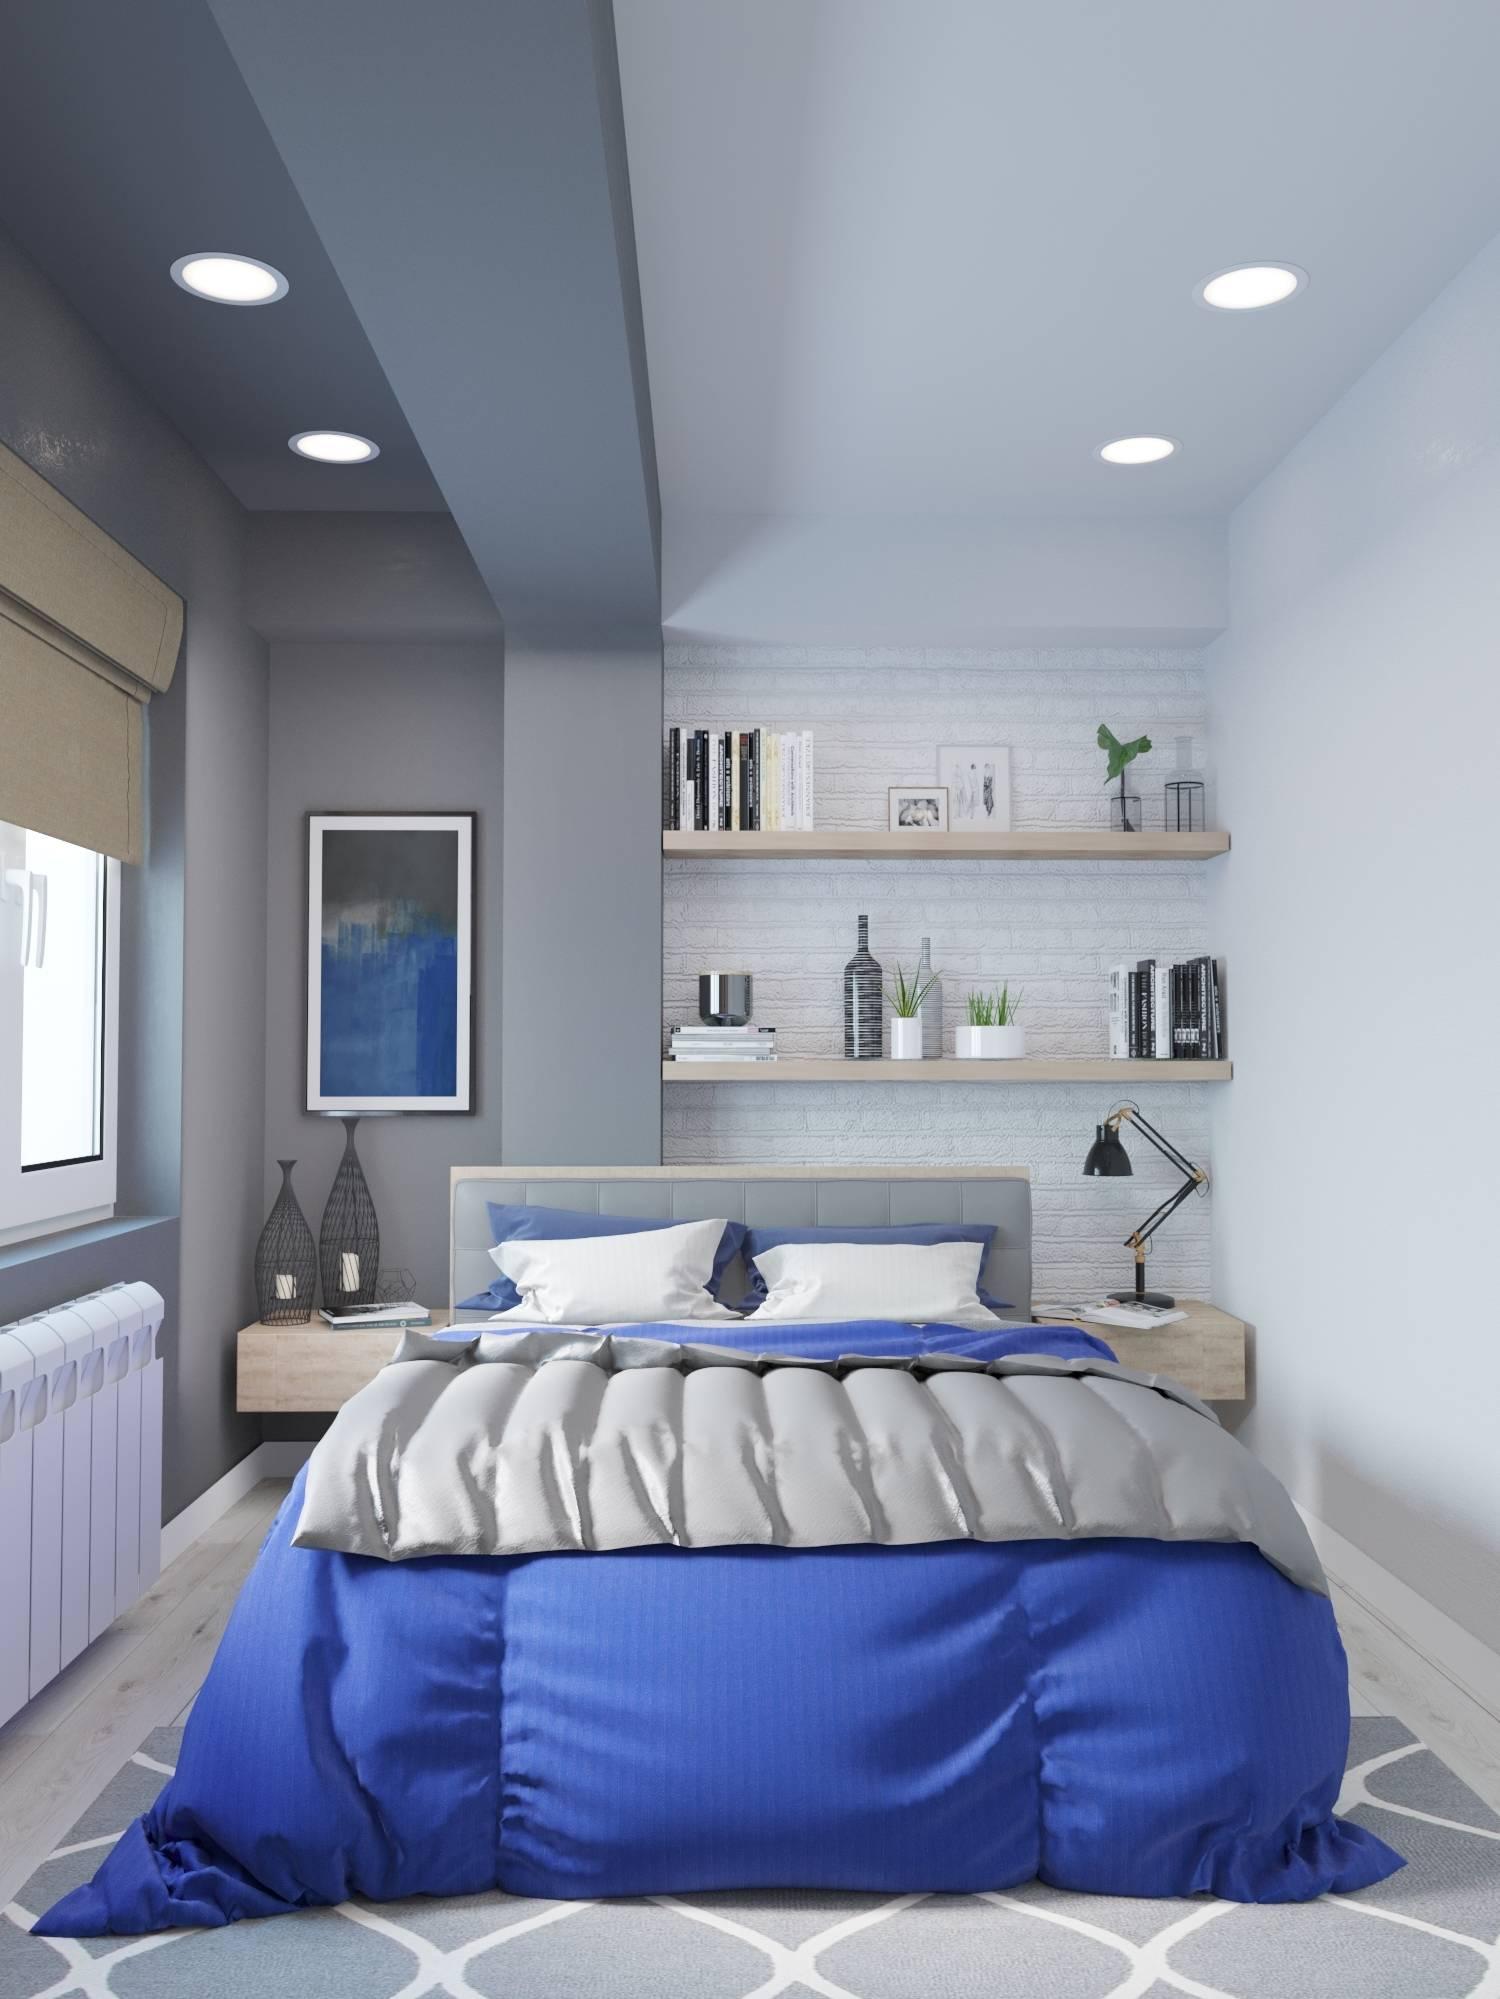 Порой ригель в интерьере мешает создавать дизайн мечты, в этой комнате ригель стал изюминкой и добавил креативность.